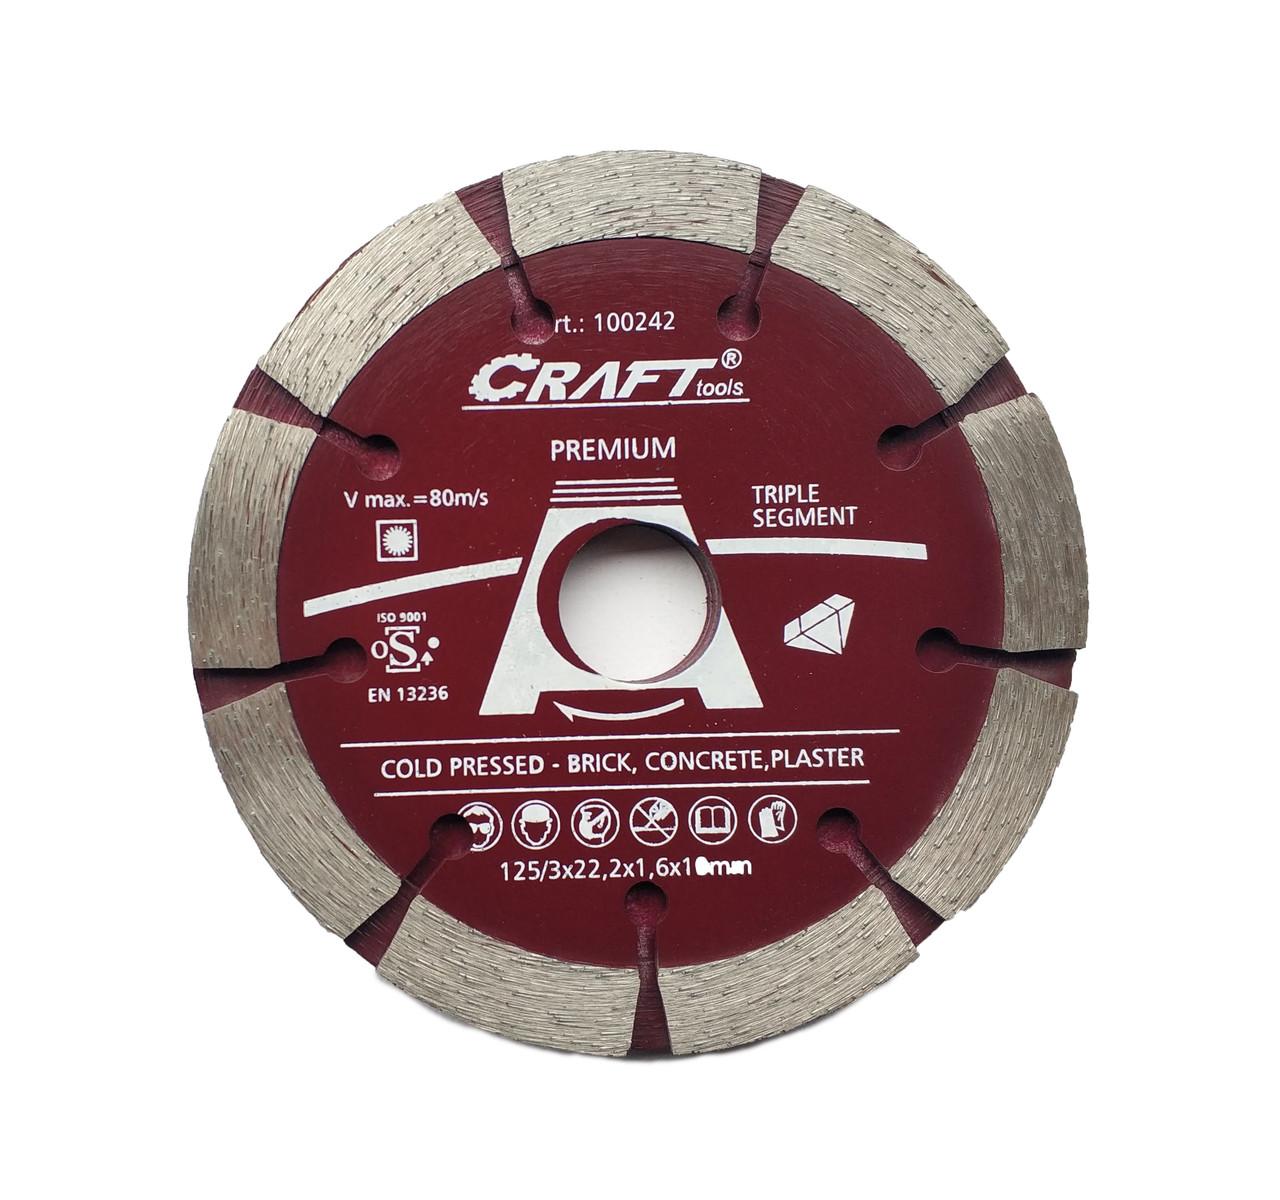 242 Диск алм. premium triplex segment 125/3*22.2*1.6*10 мм. Штроборіз (3 диска)